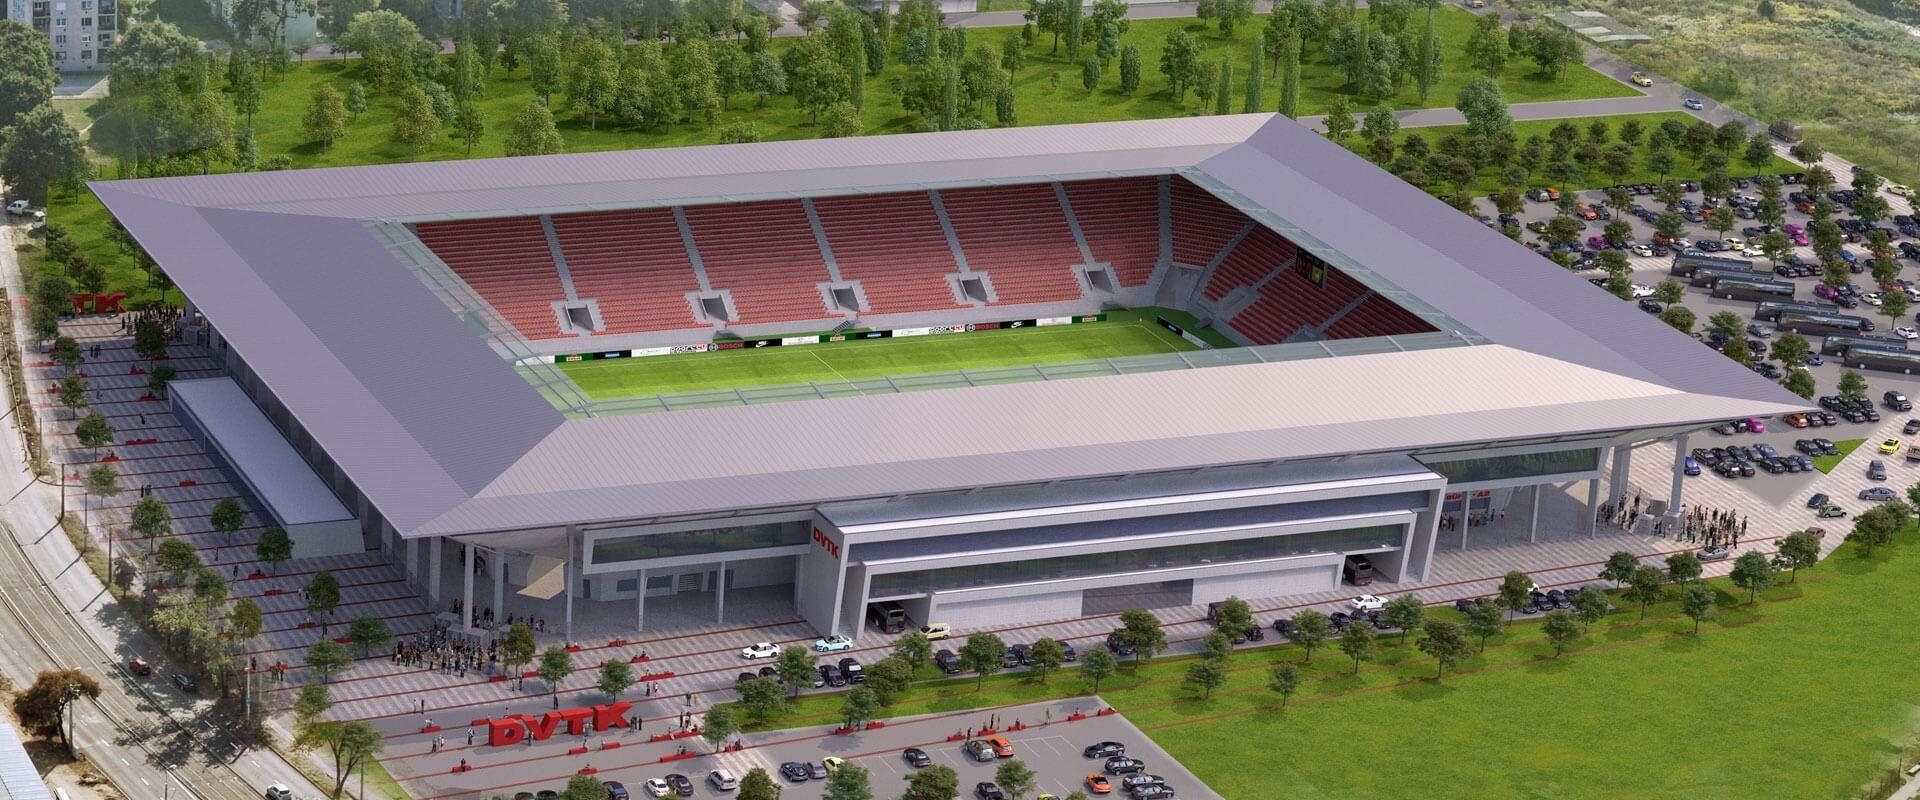 Diósgyőri DVTK Stadion - világításvezérlés, fogyasztásmérés, vizualizáció, kommunikáció épületfelügyelettel